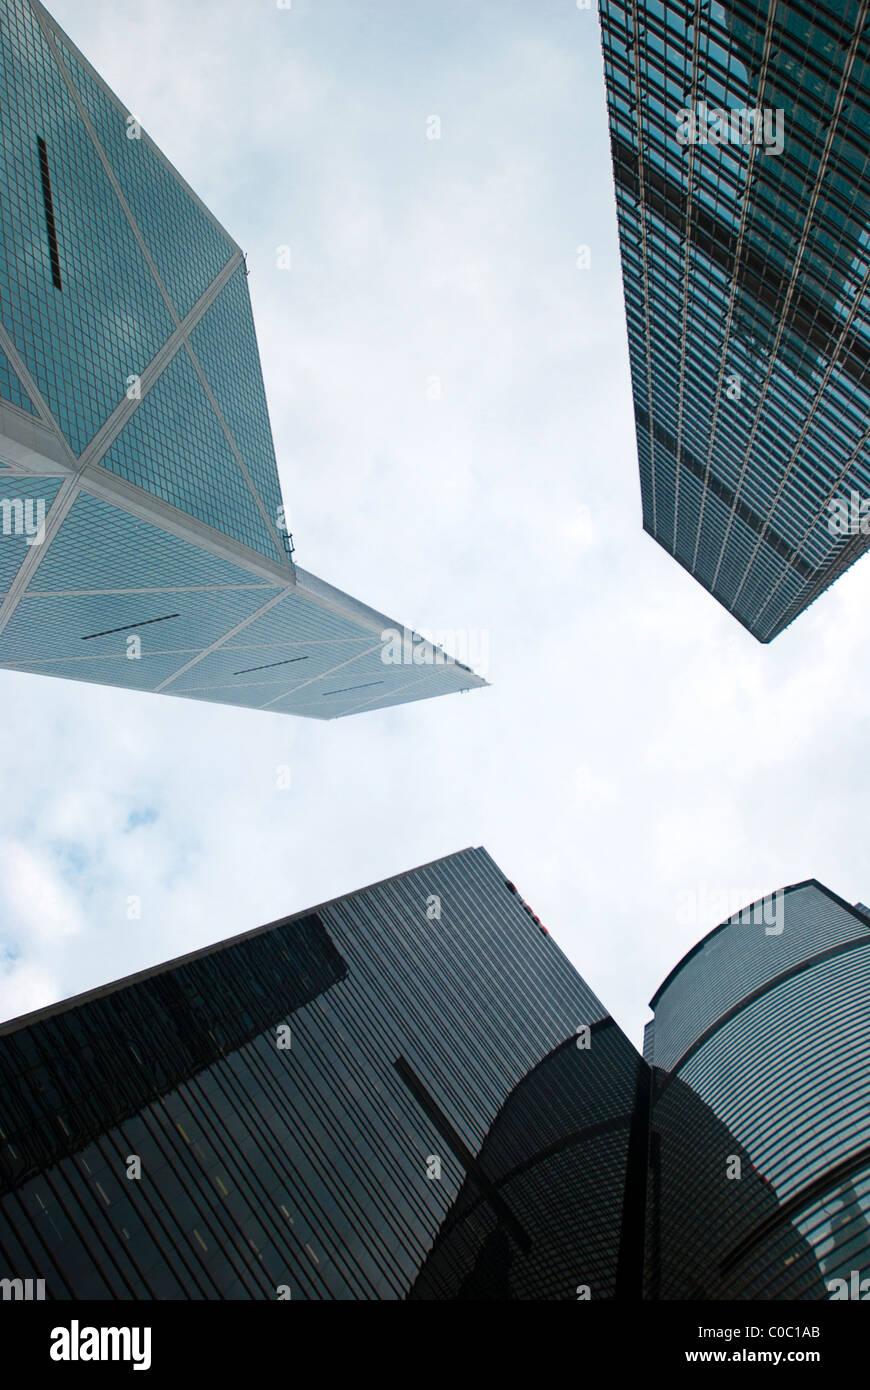 Hong Kong sky scrapers - Stock Image